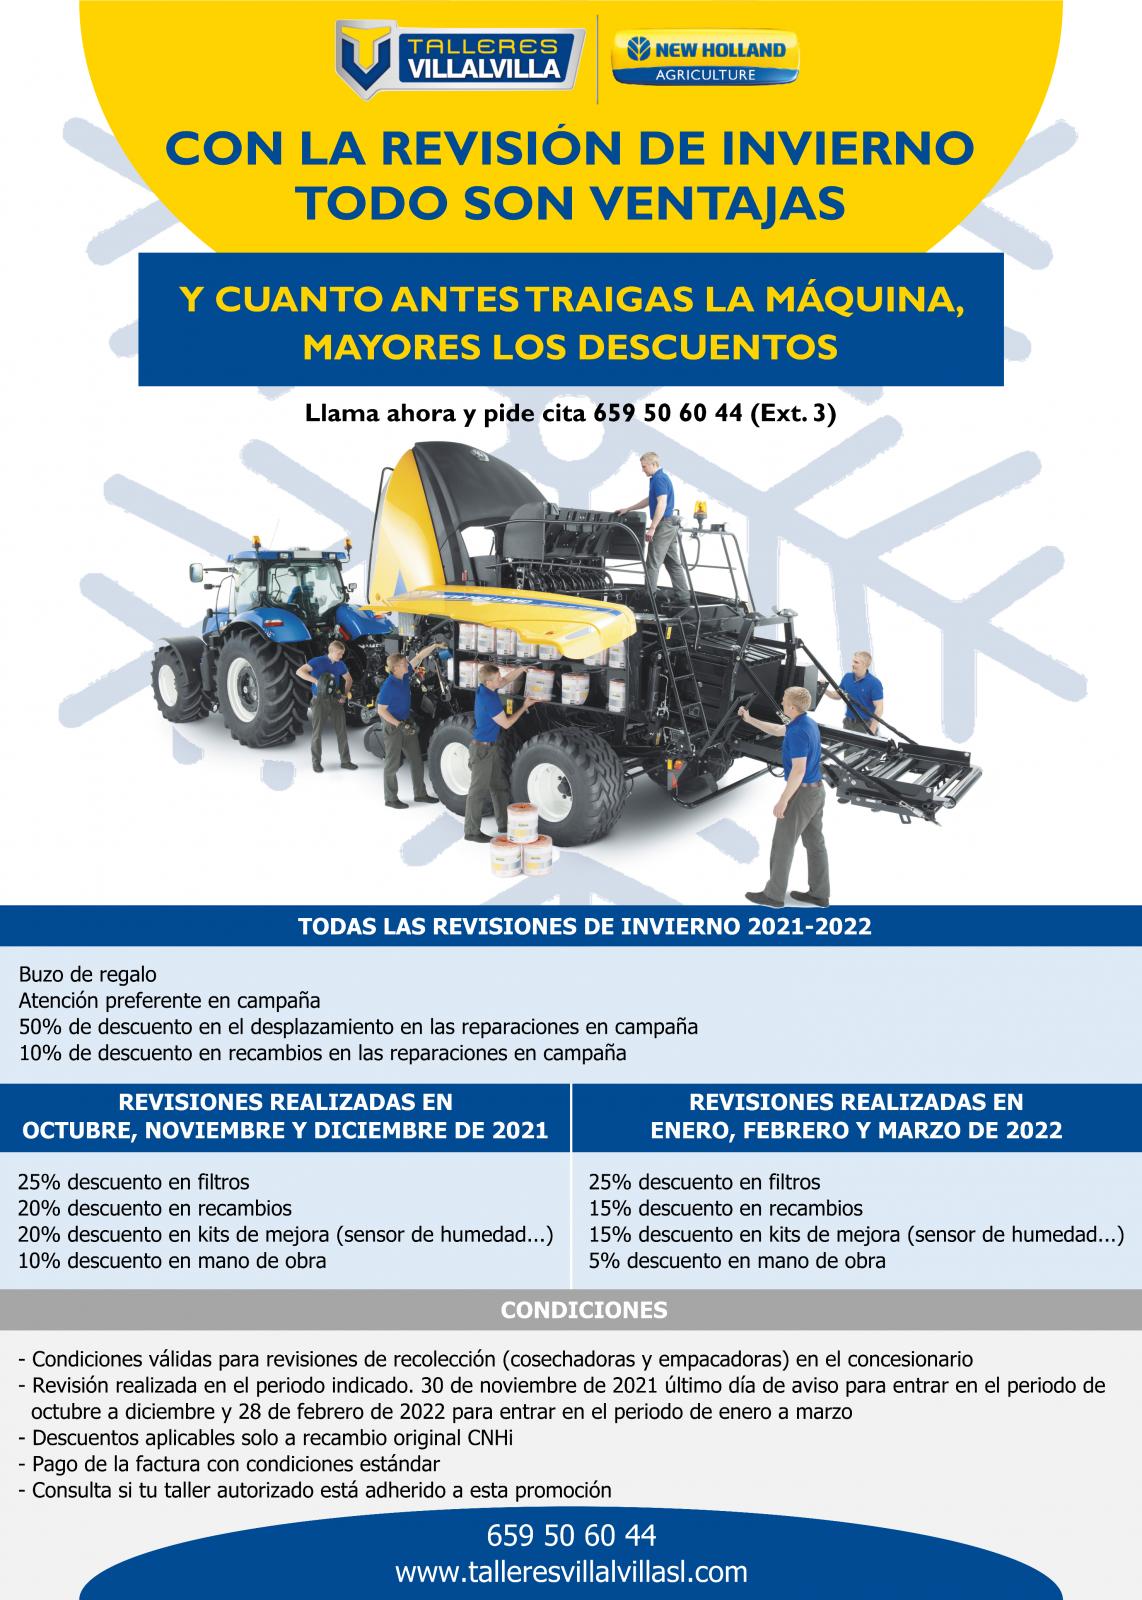 CAMPAÑA DE REVISIÓN DE INVIERNO 2021-2022